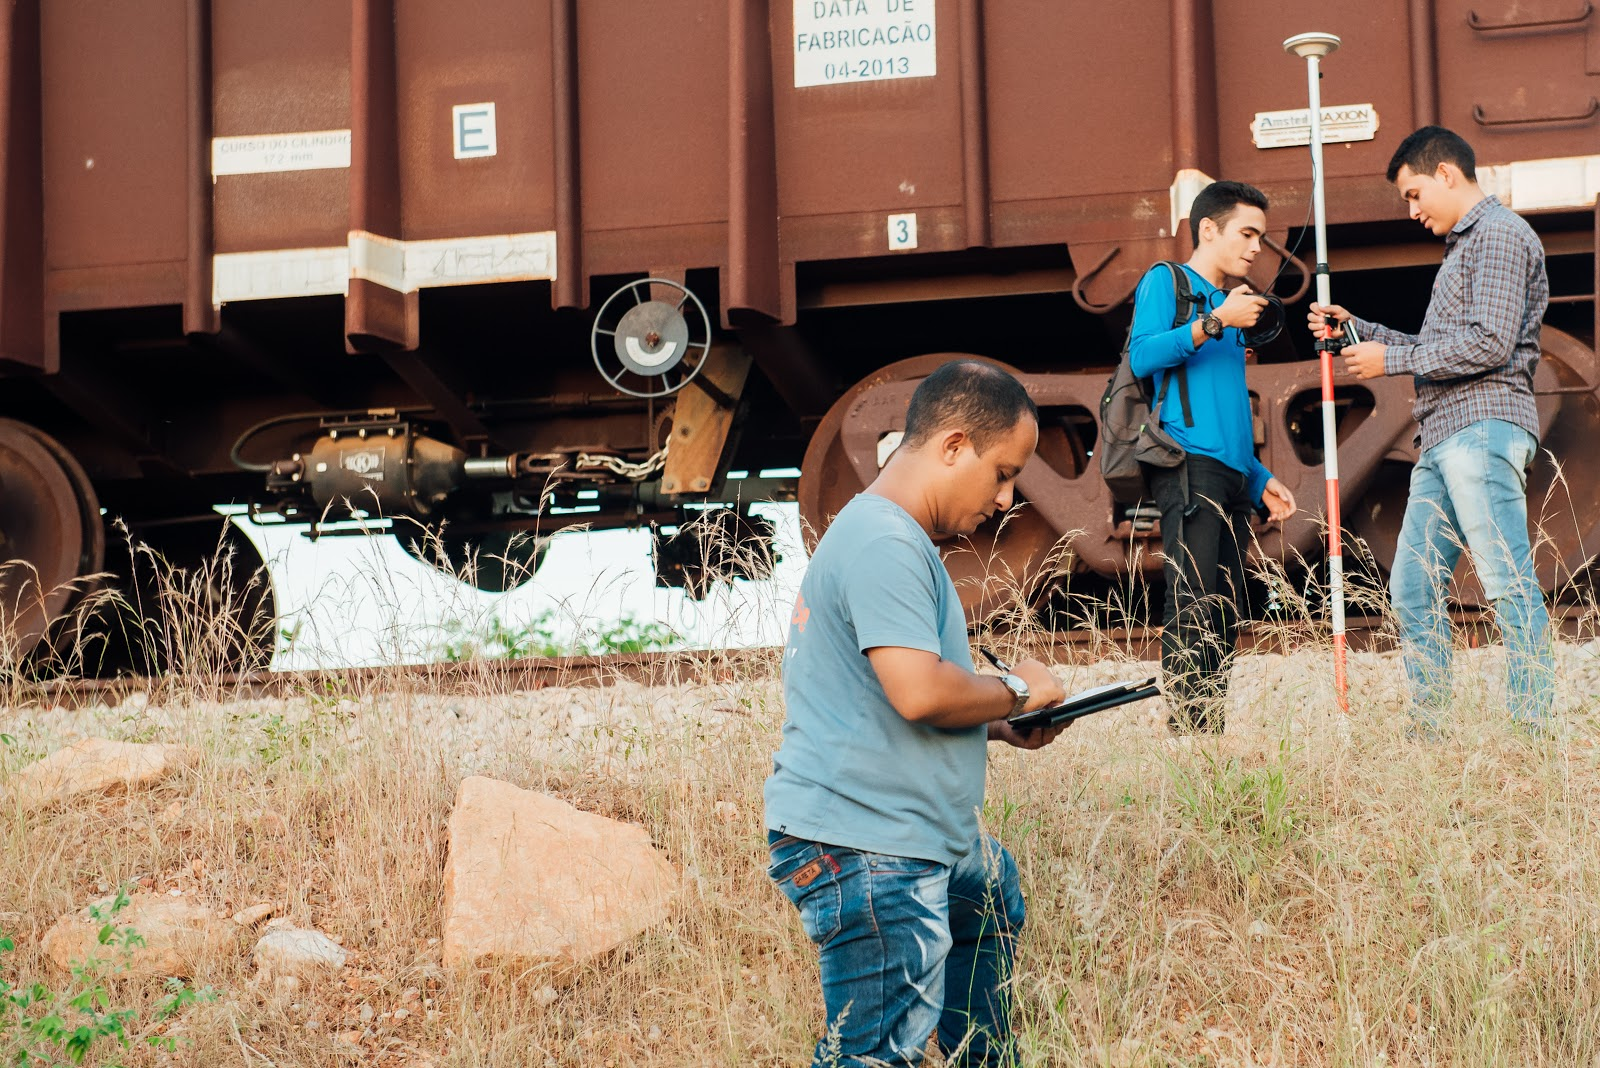 Colaboradores realizando levantamento em terreno com Sistema RTK